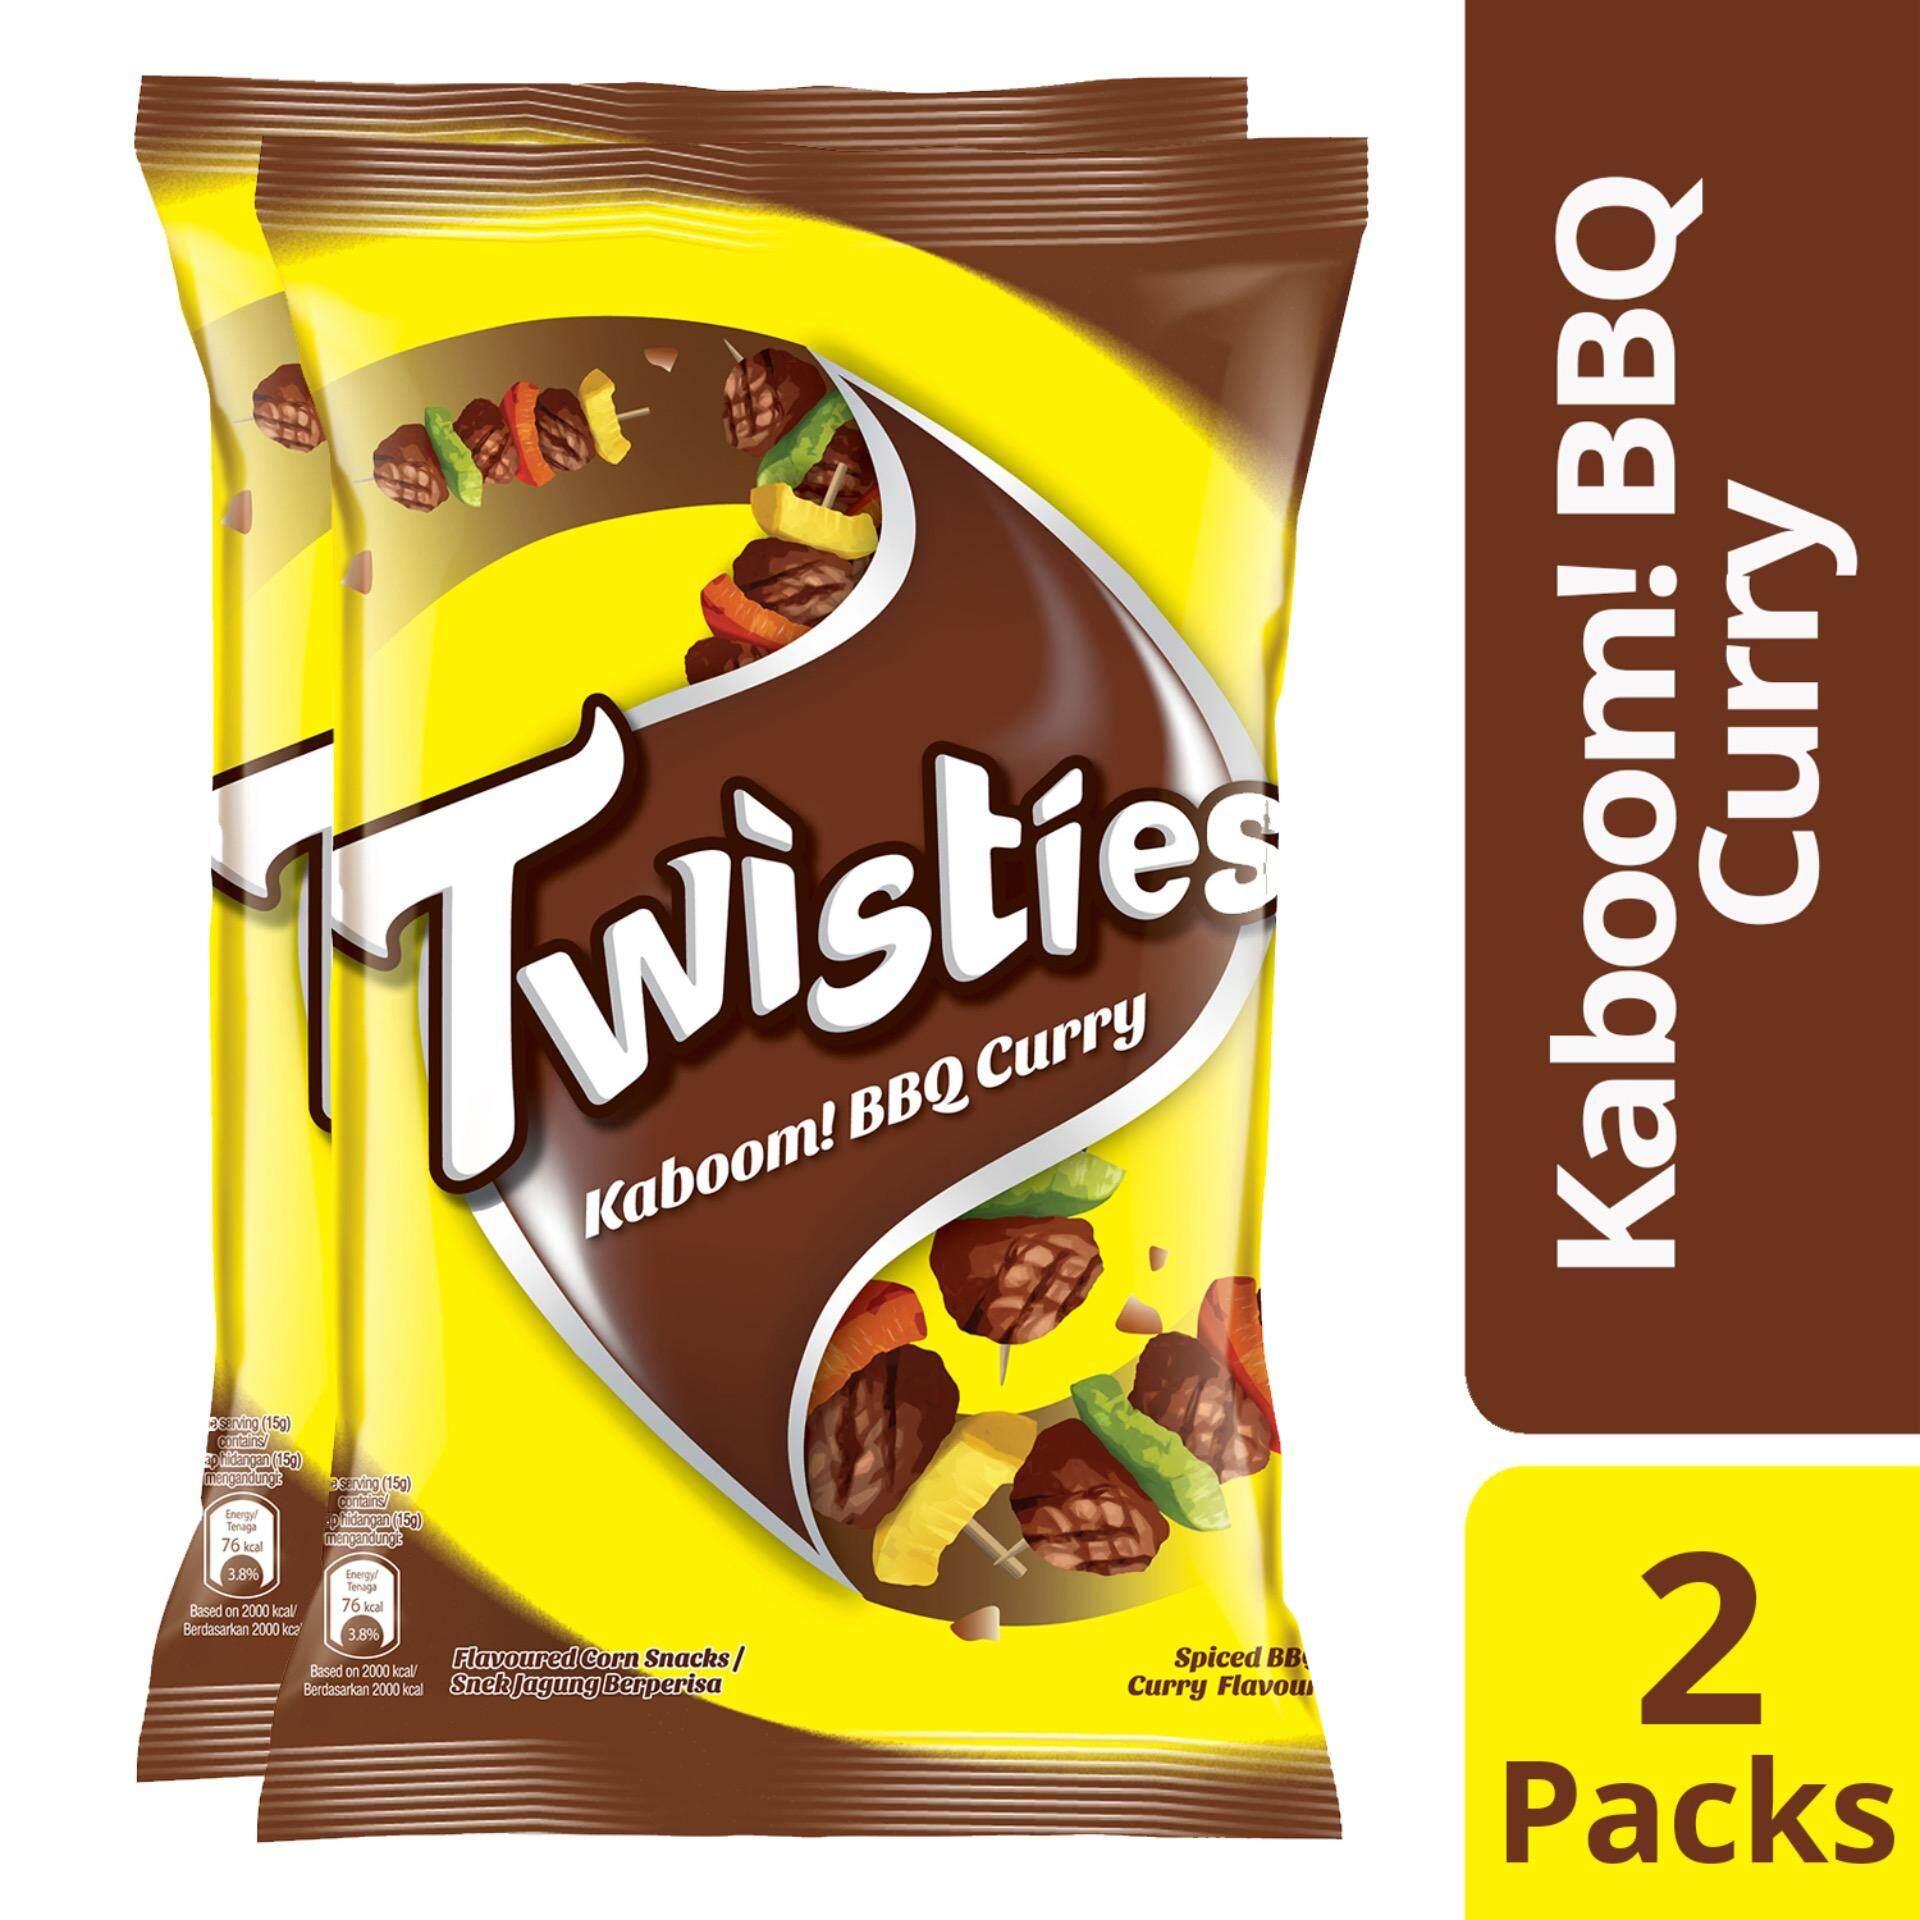 Twisties Kaboom! BBQ Curry 160g X 2 packs